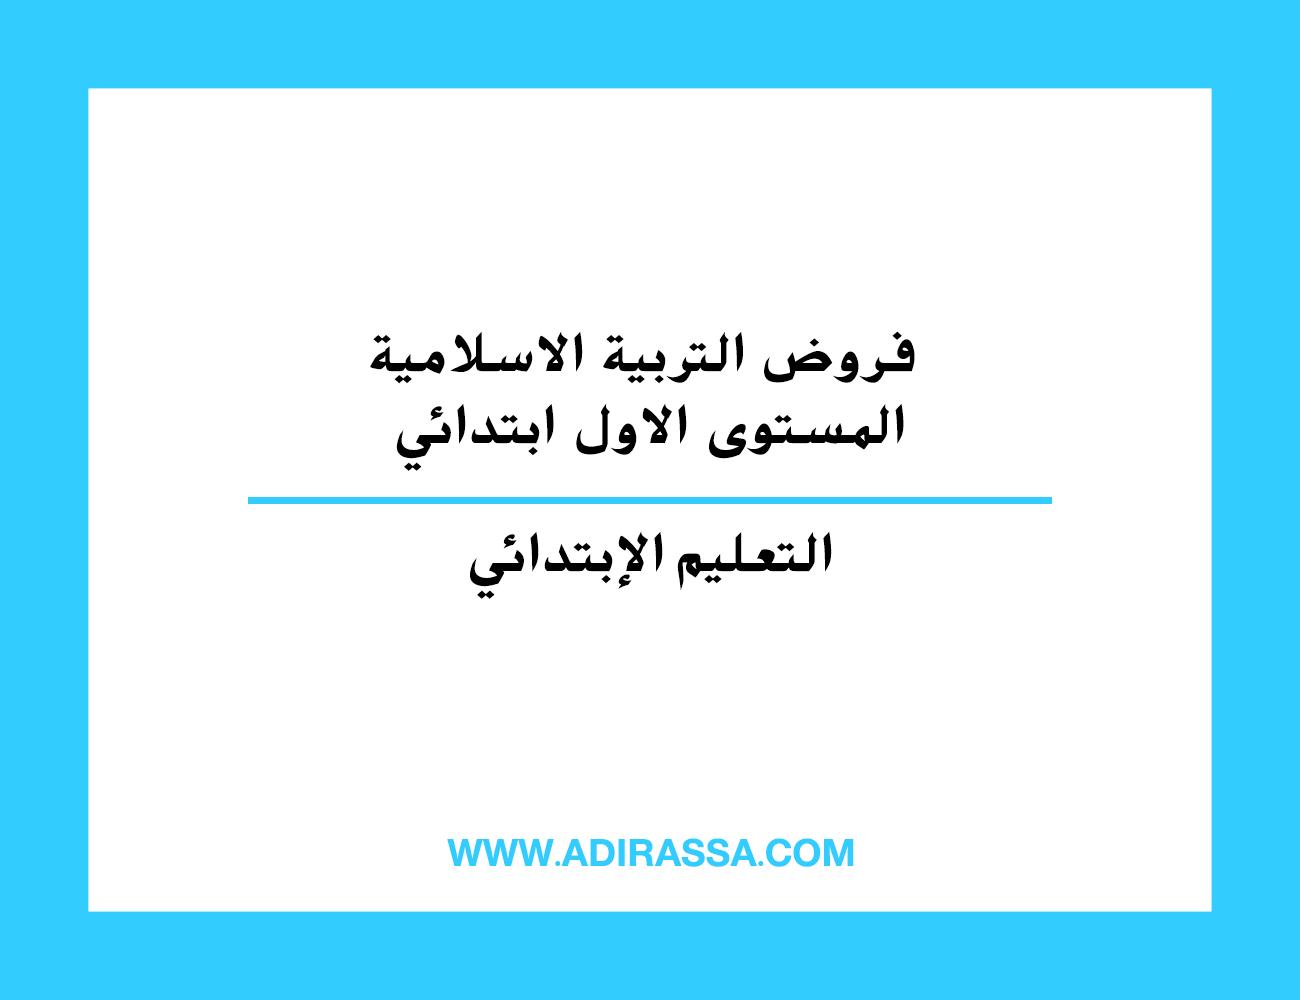 فروض التربية الاسلامية المستوى الاول ابتدائي في المدرسة المغربية